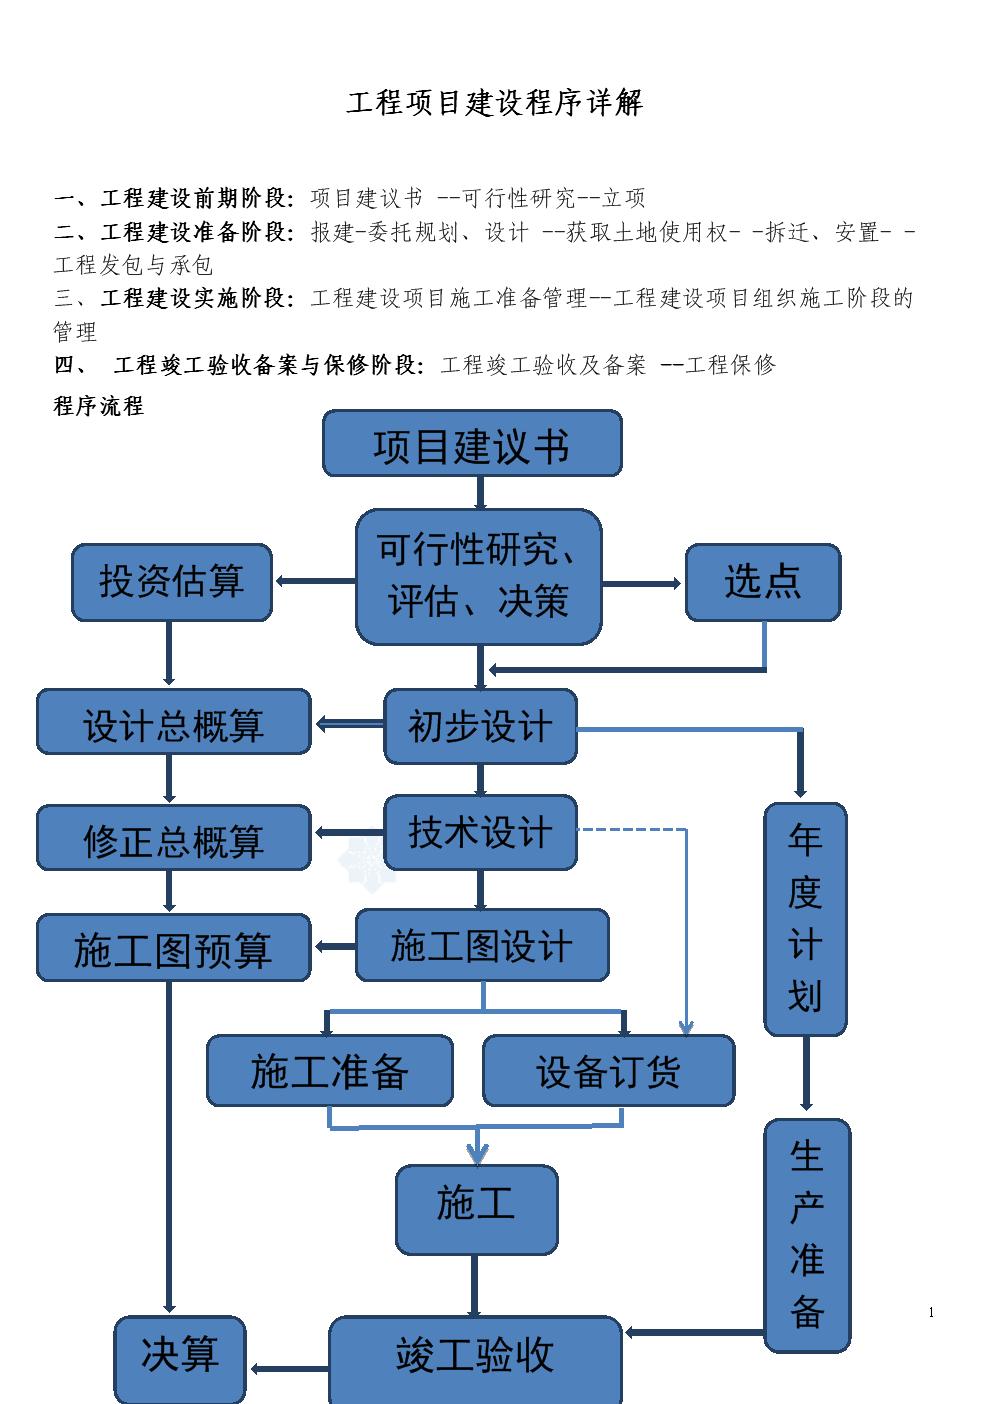 工程项目建设流程申报_new概要.doc免费全文